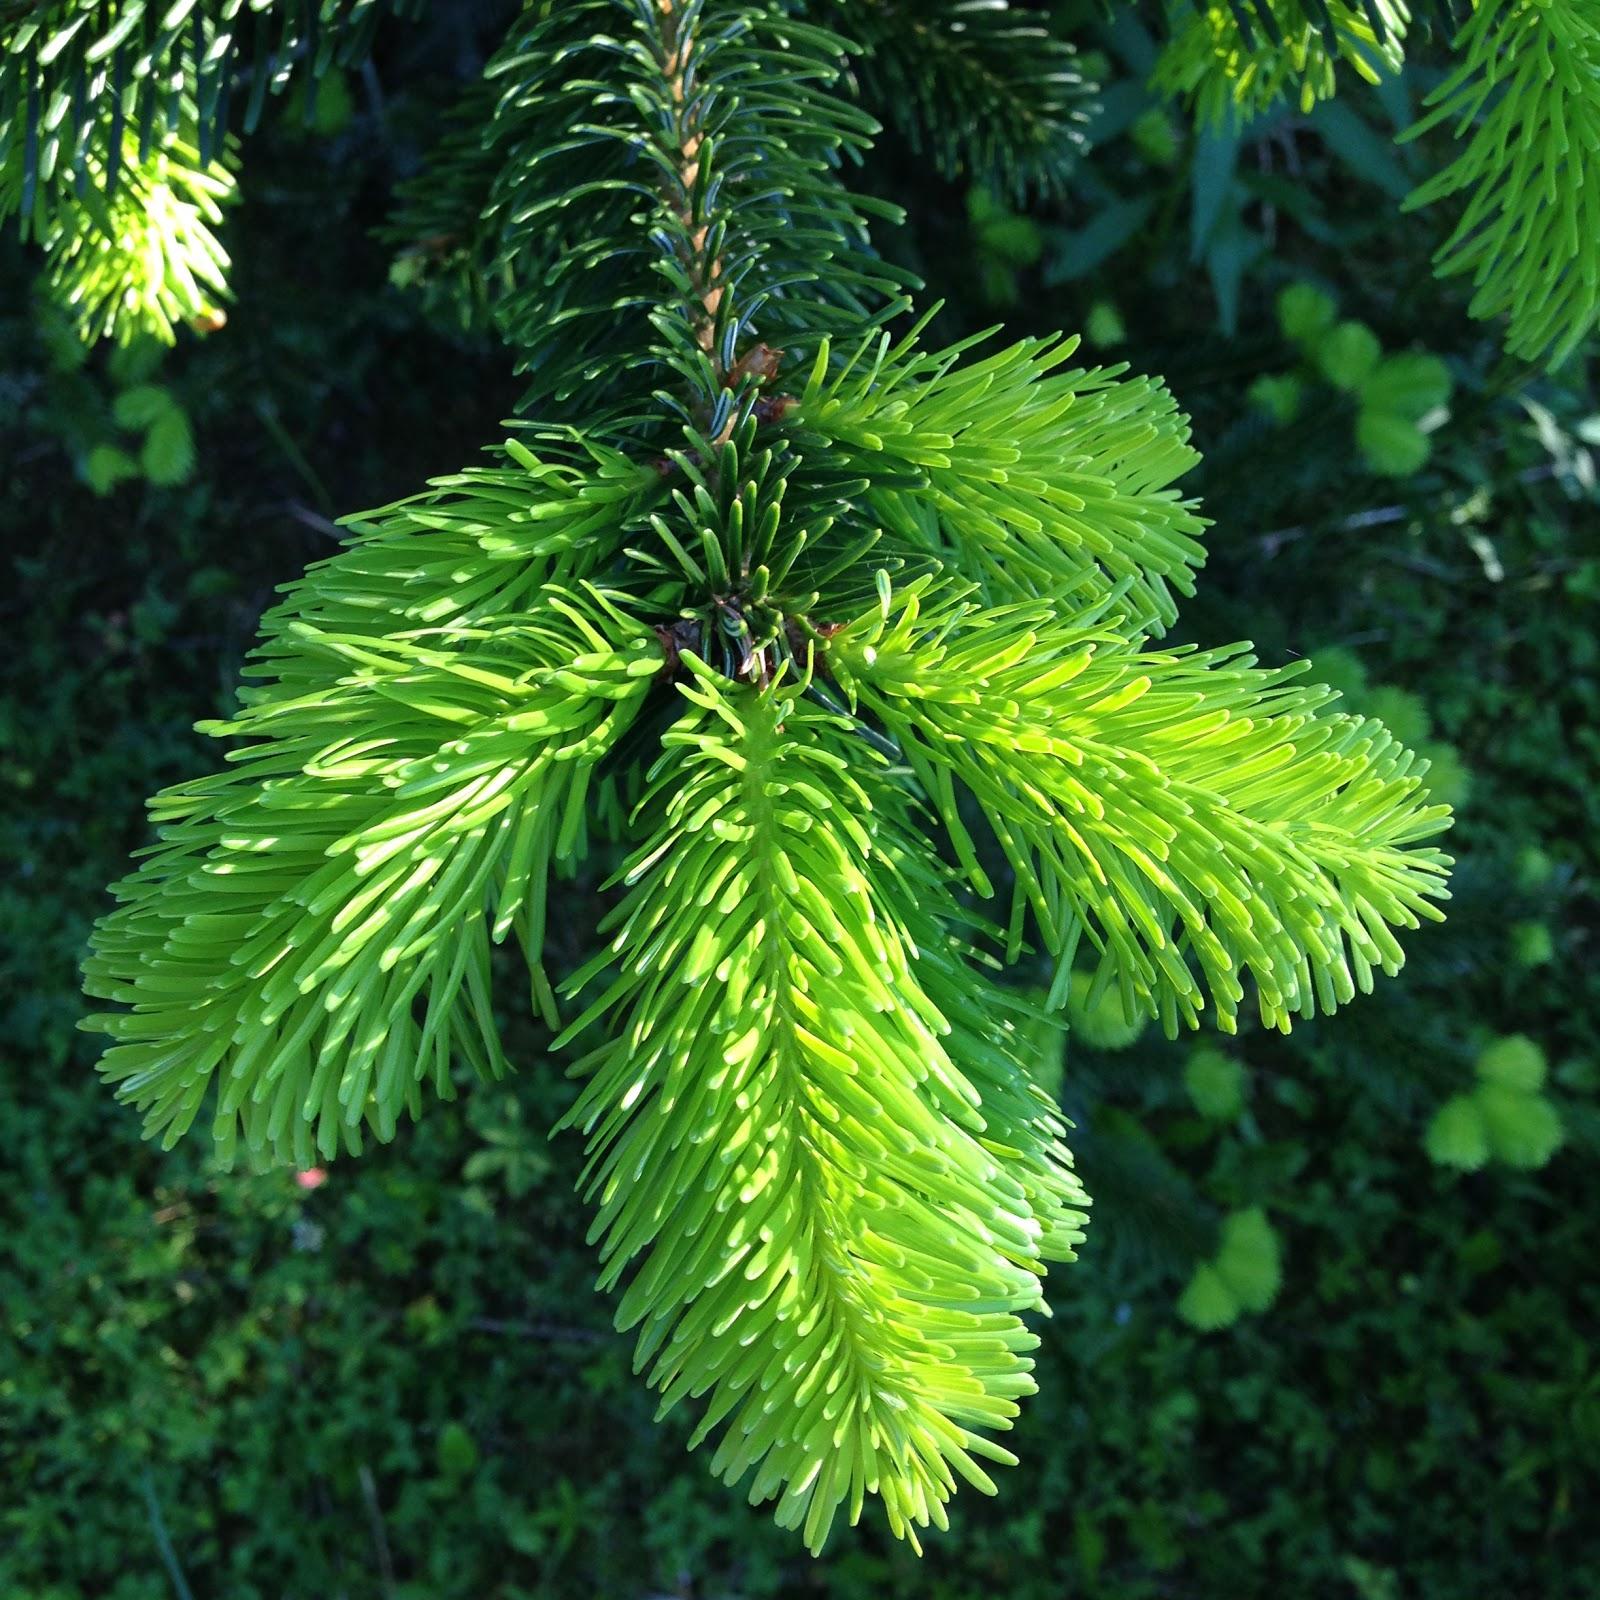 Wo Günstig Weihnachtsbaum Kaufen.Weihnachtsbaumplantagen Günstige Nordmanntannen Kaufen